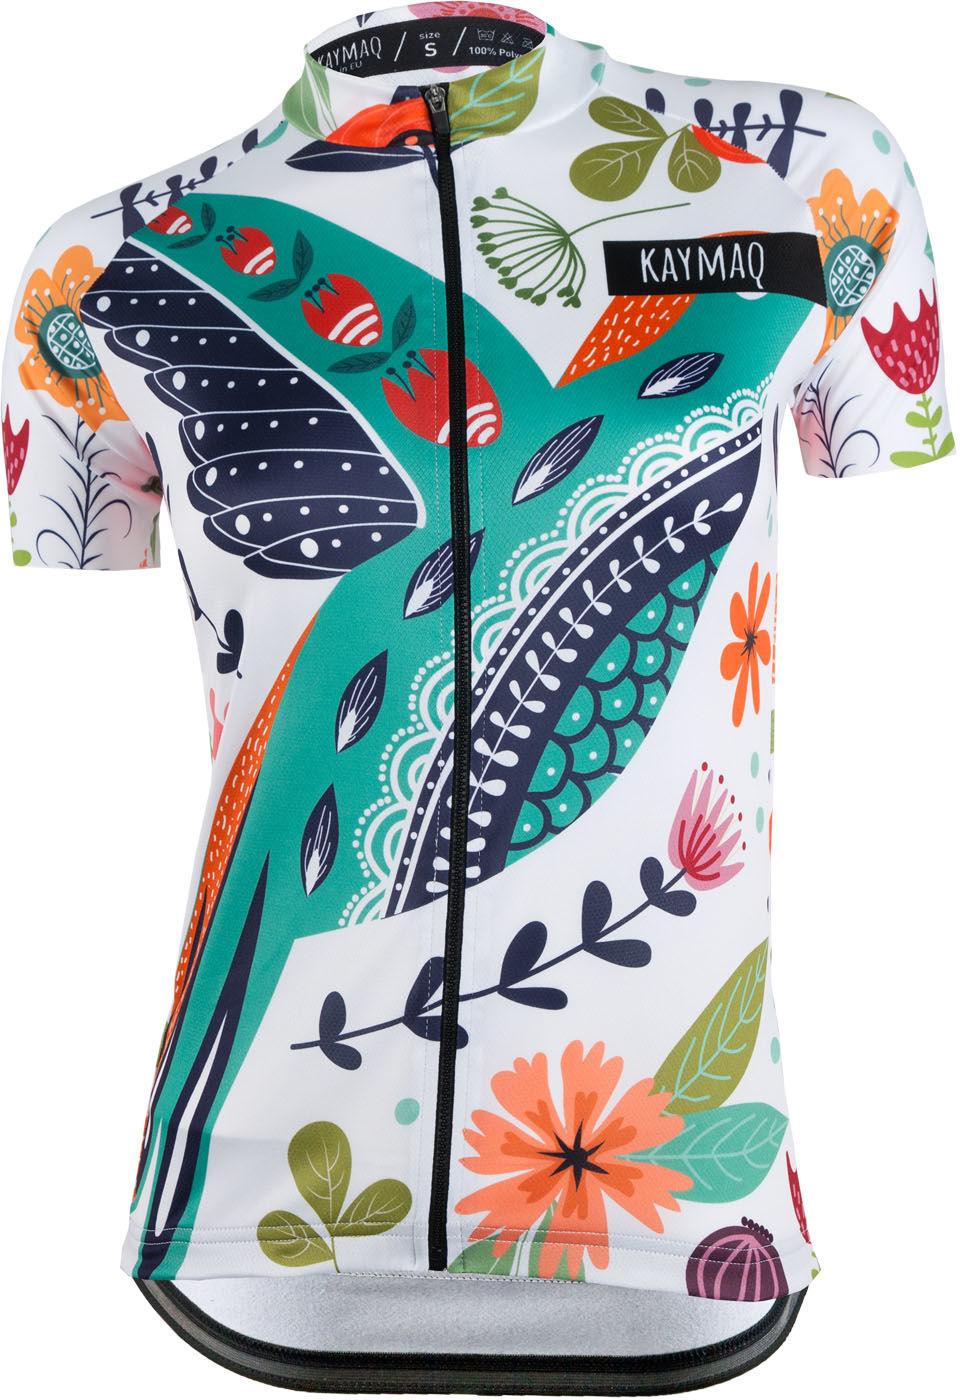 KAYMAQ DESIGN W22 damska koszulka rowerowa krótki rękaw Rozmiar: L,KMQ-W22-KOSZ